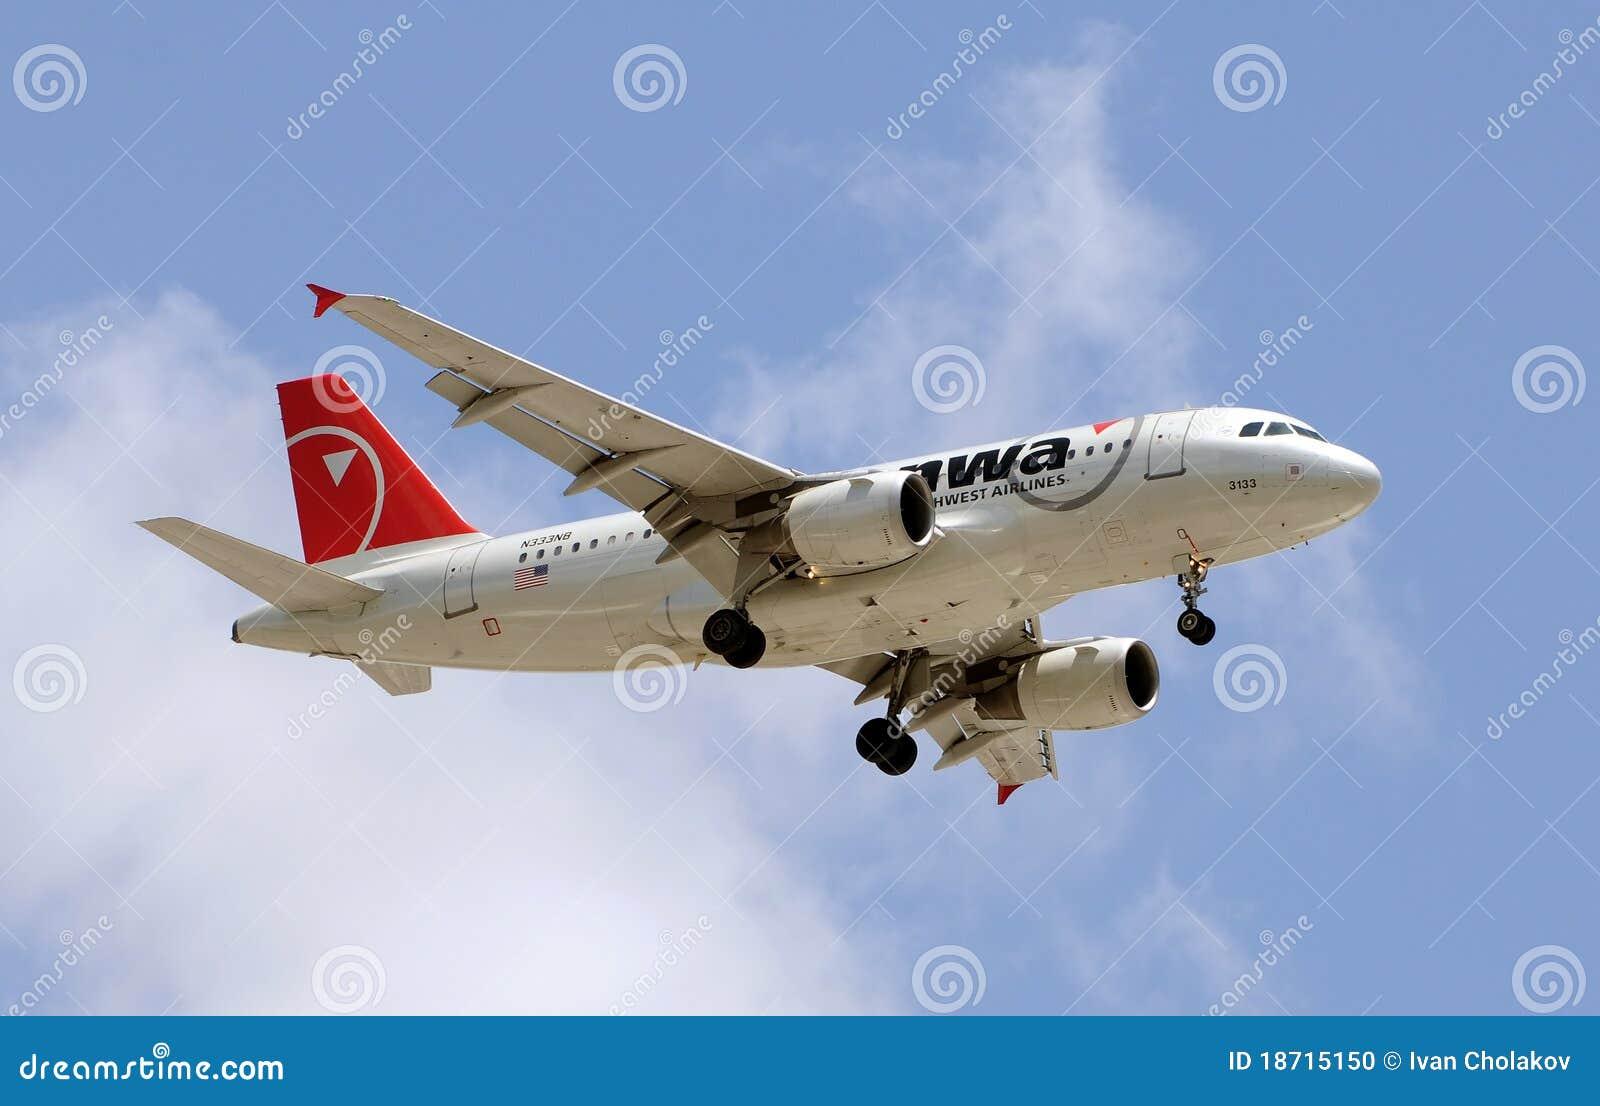 Northwest flygbolagflygplanflyg